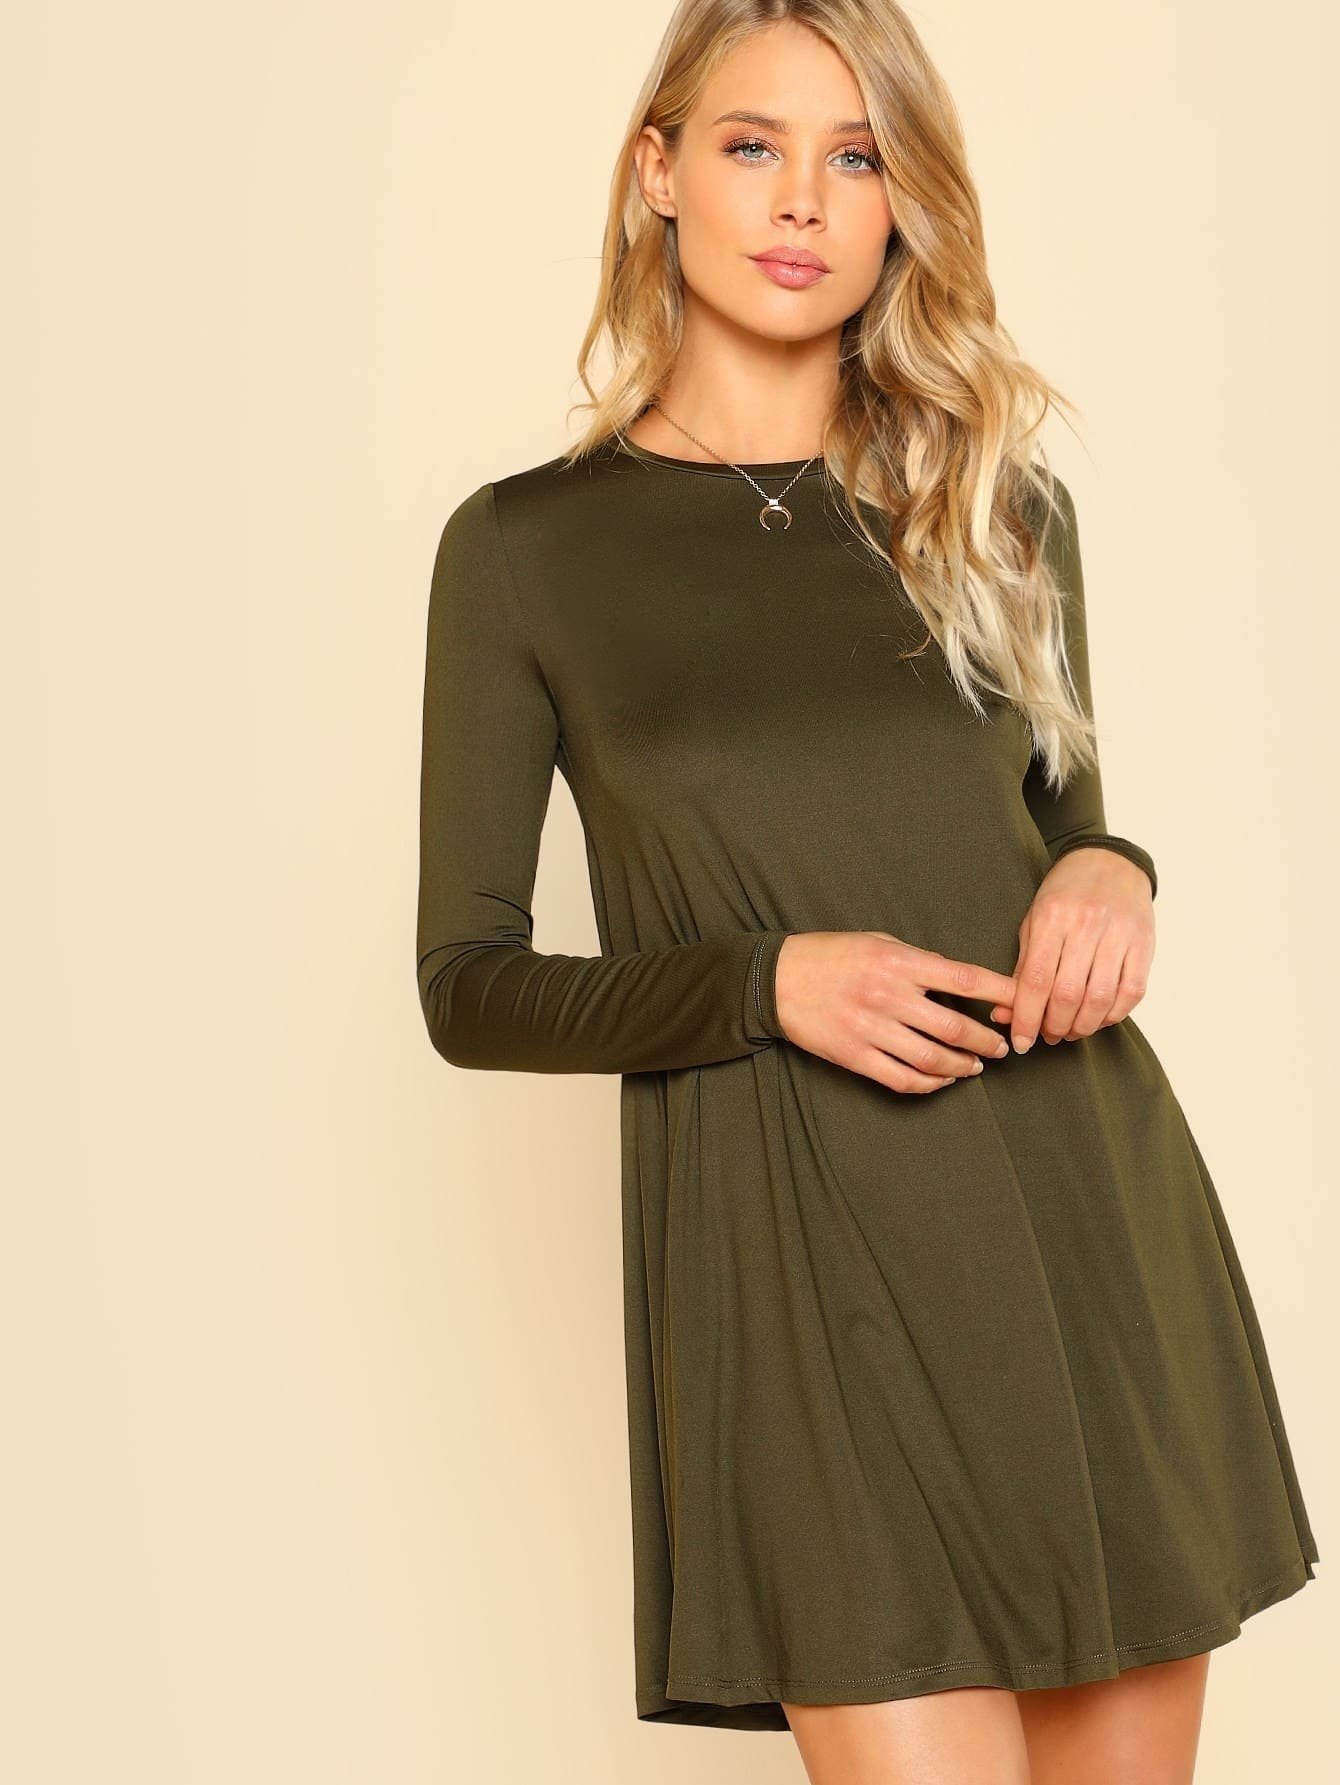 Long Sleeve Solid Swing Dress long sleeve solid swing dress